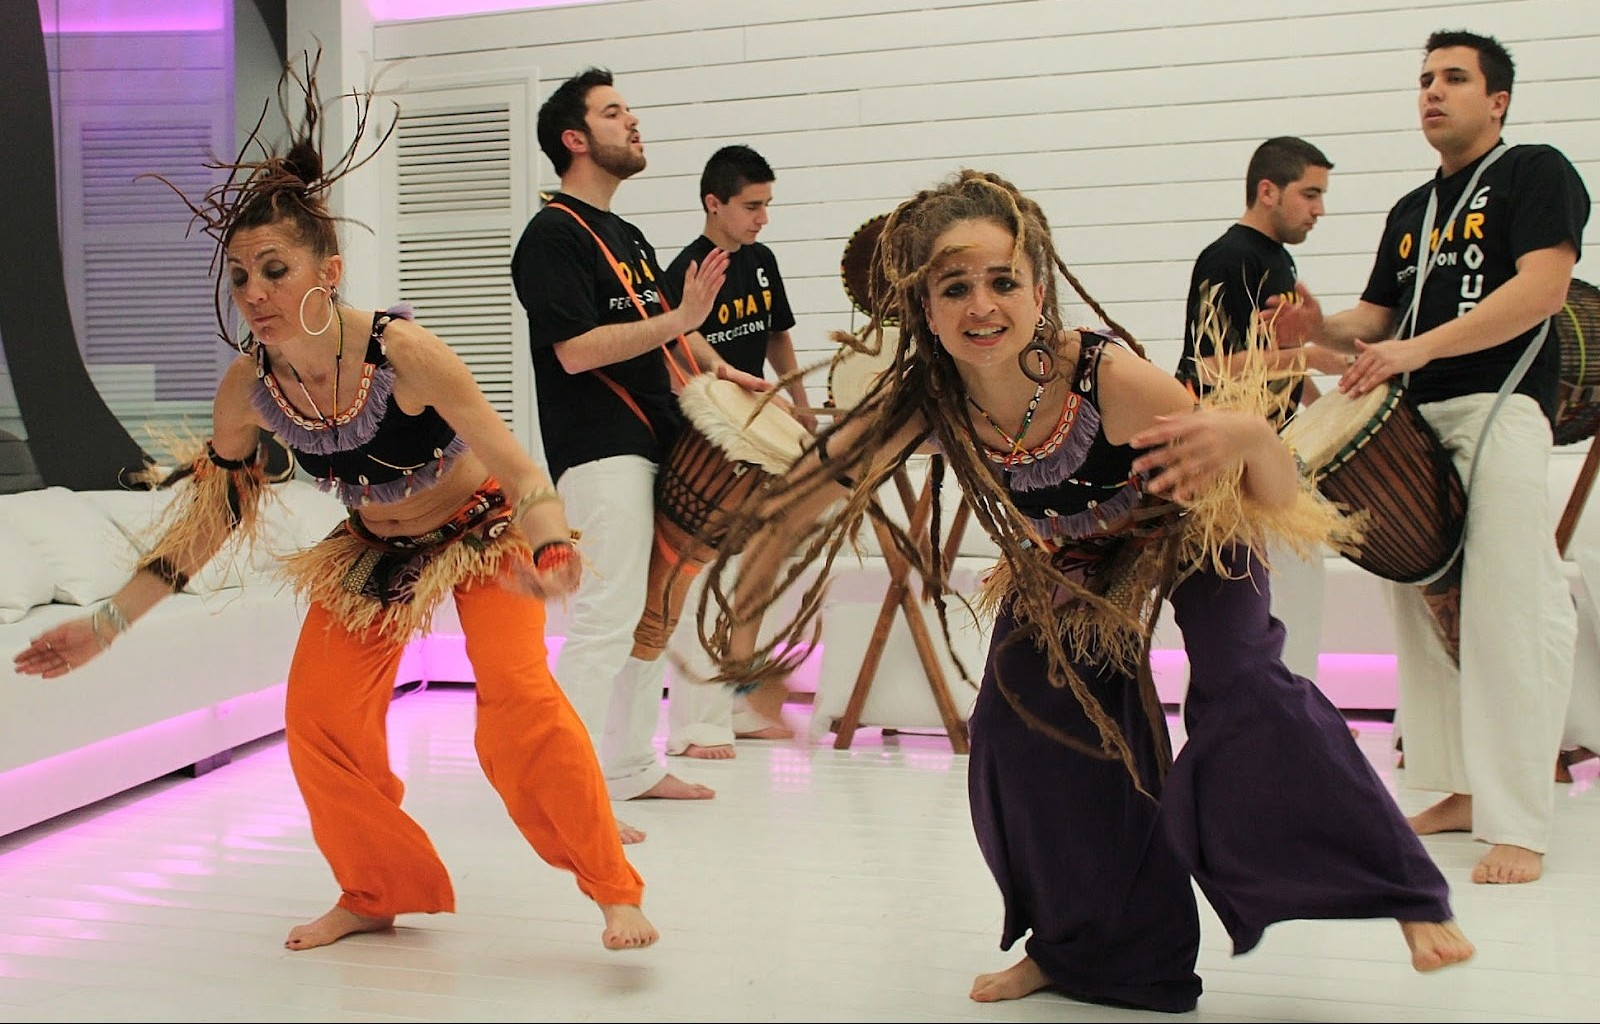 Danza africana en logro o diviertete - Piso relax logrono ...